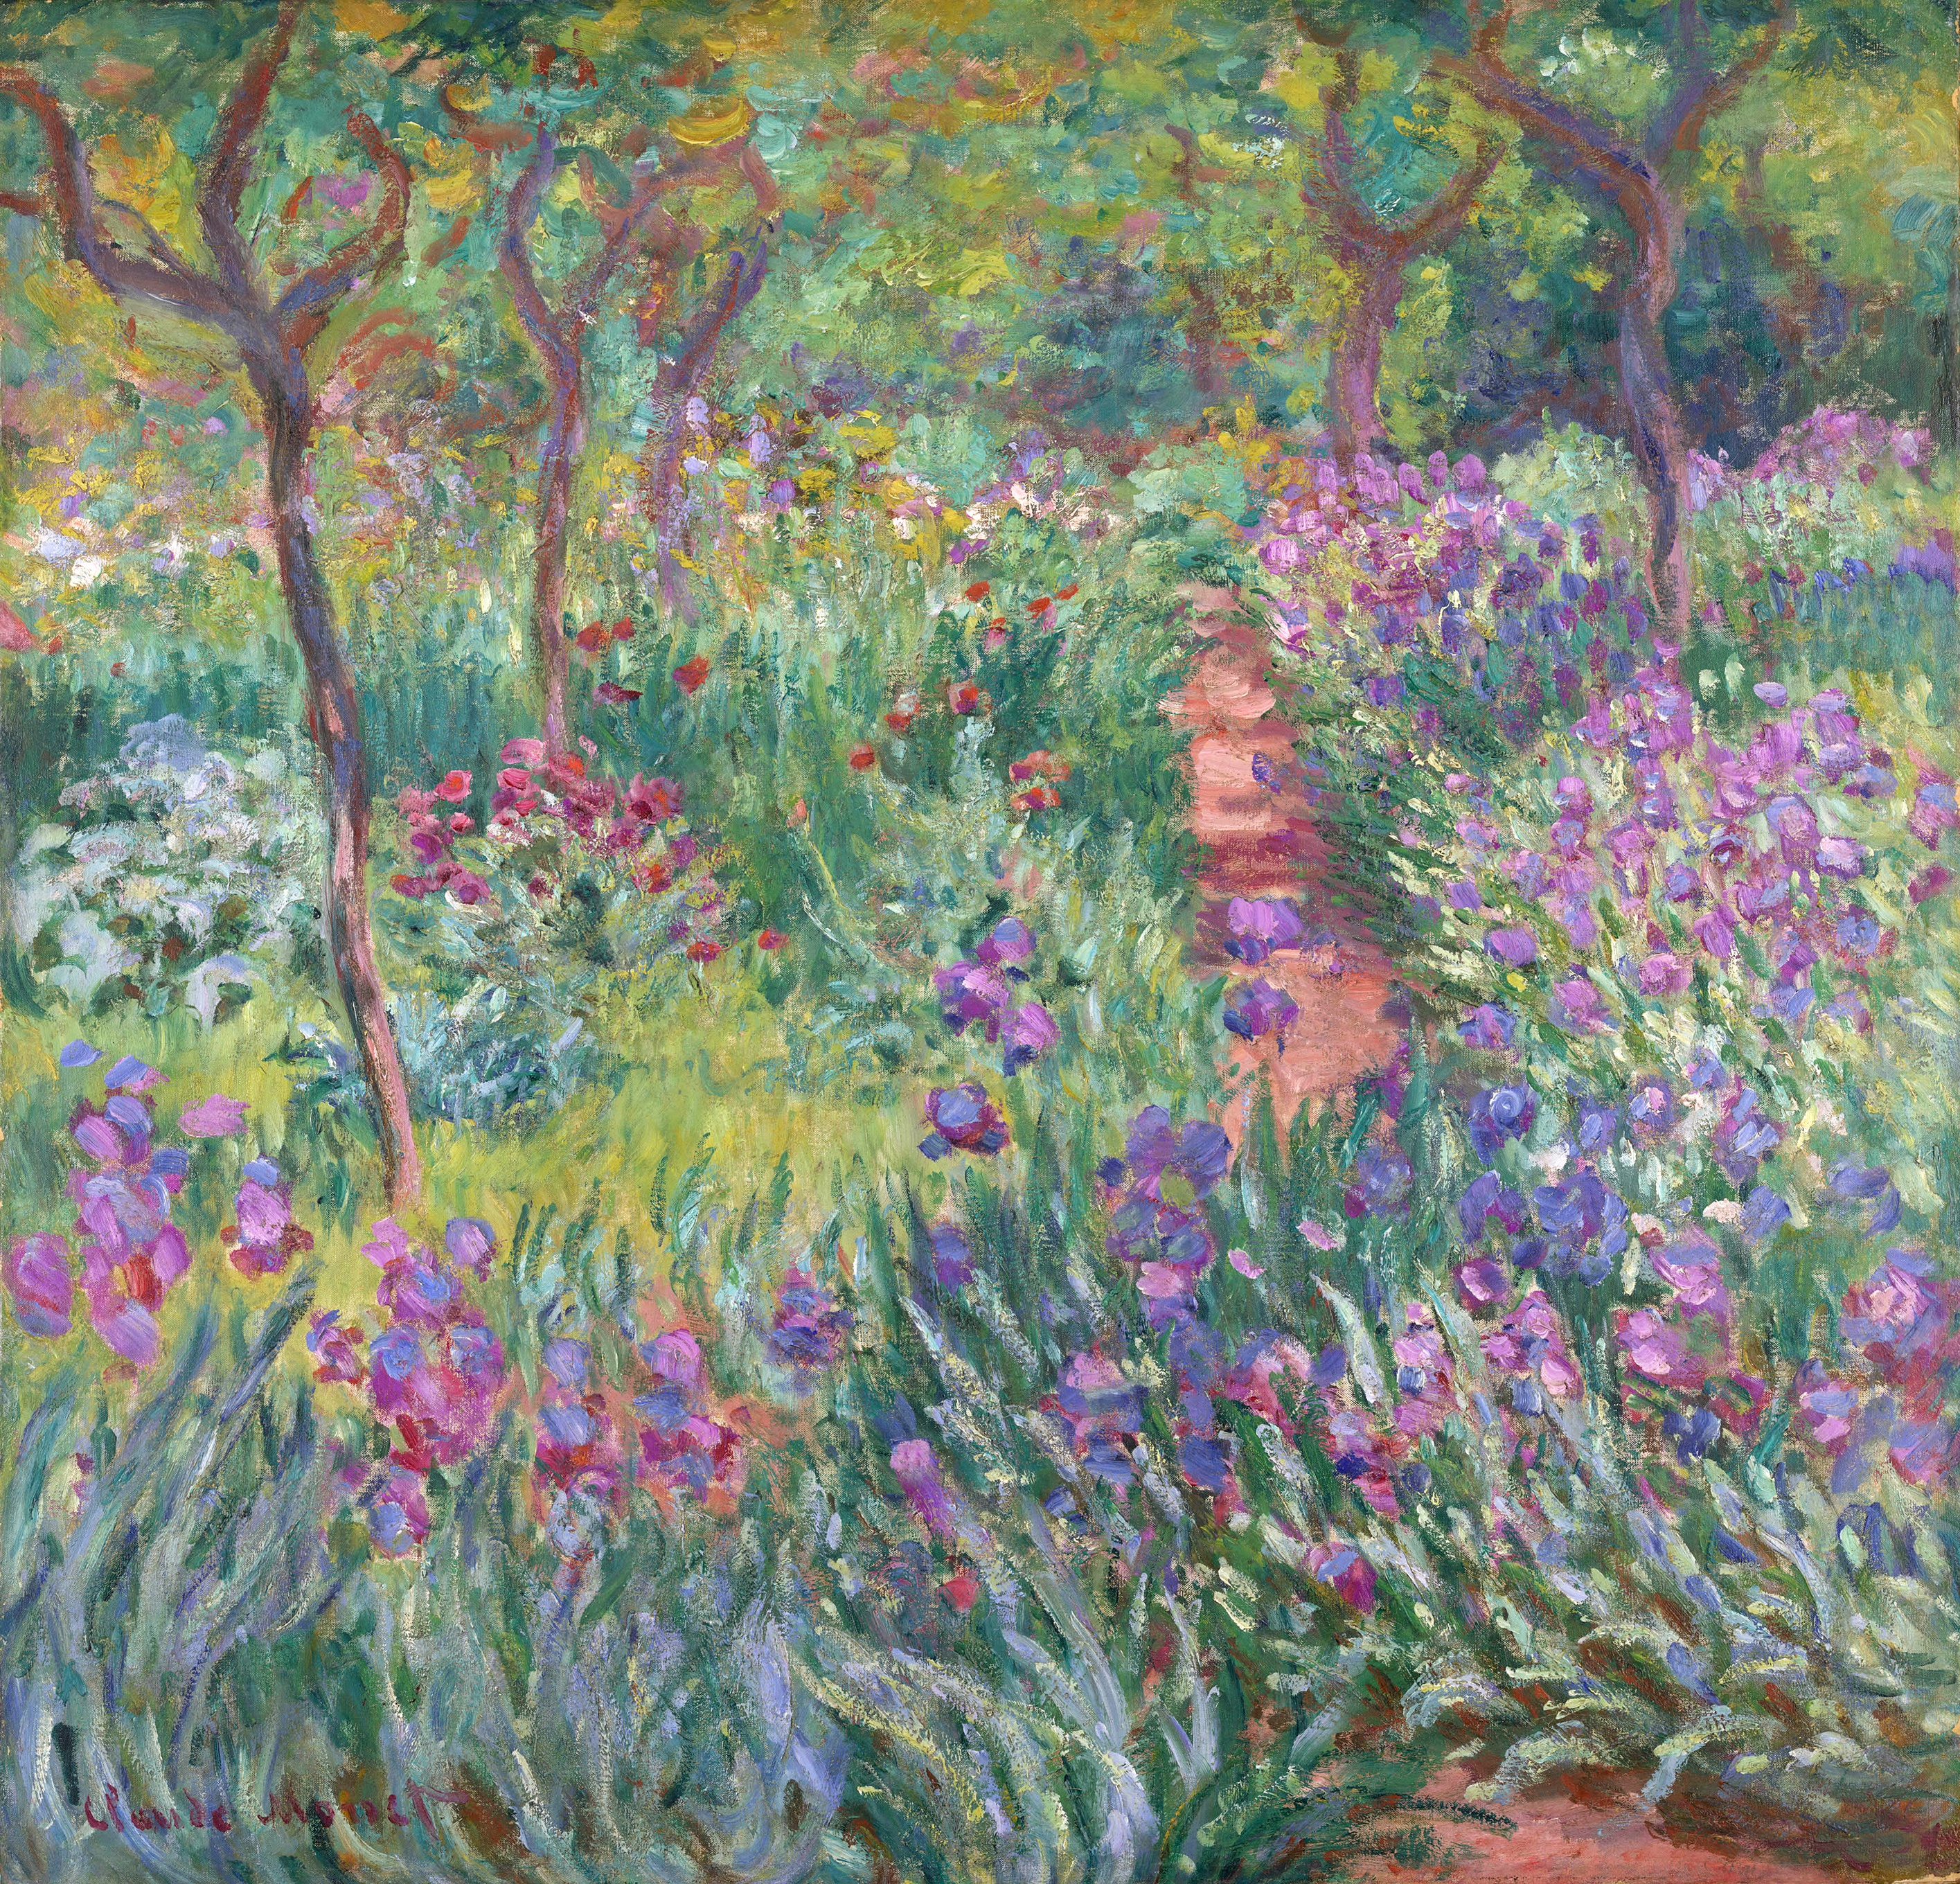 Artworks by Oscar Claude Monet (3 часть) (321 работ) » Страница 11 »  Картины, художники, фотографы на Nevsepic